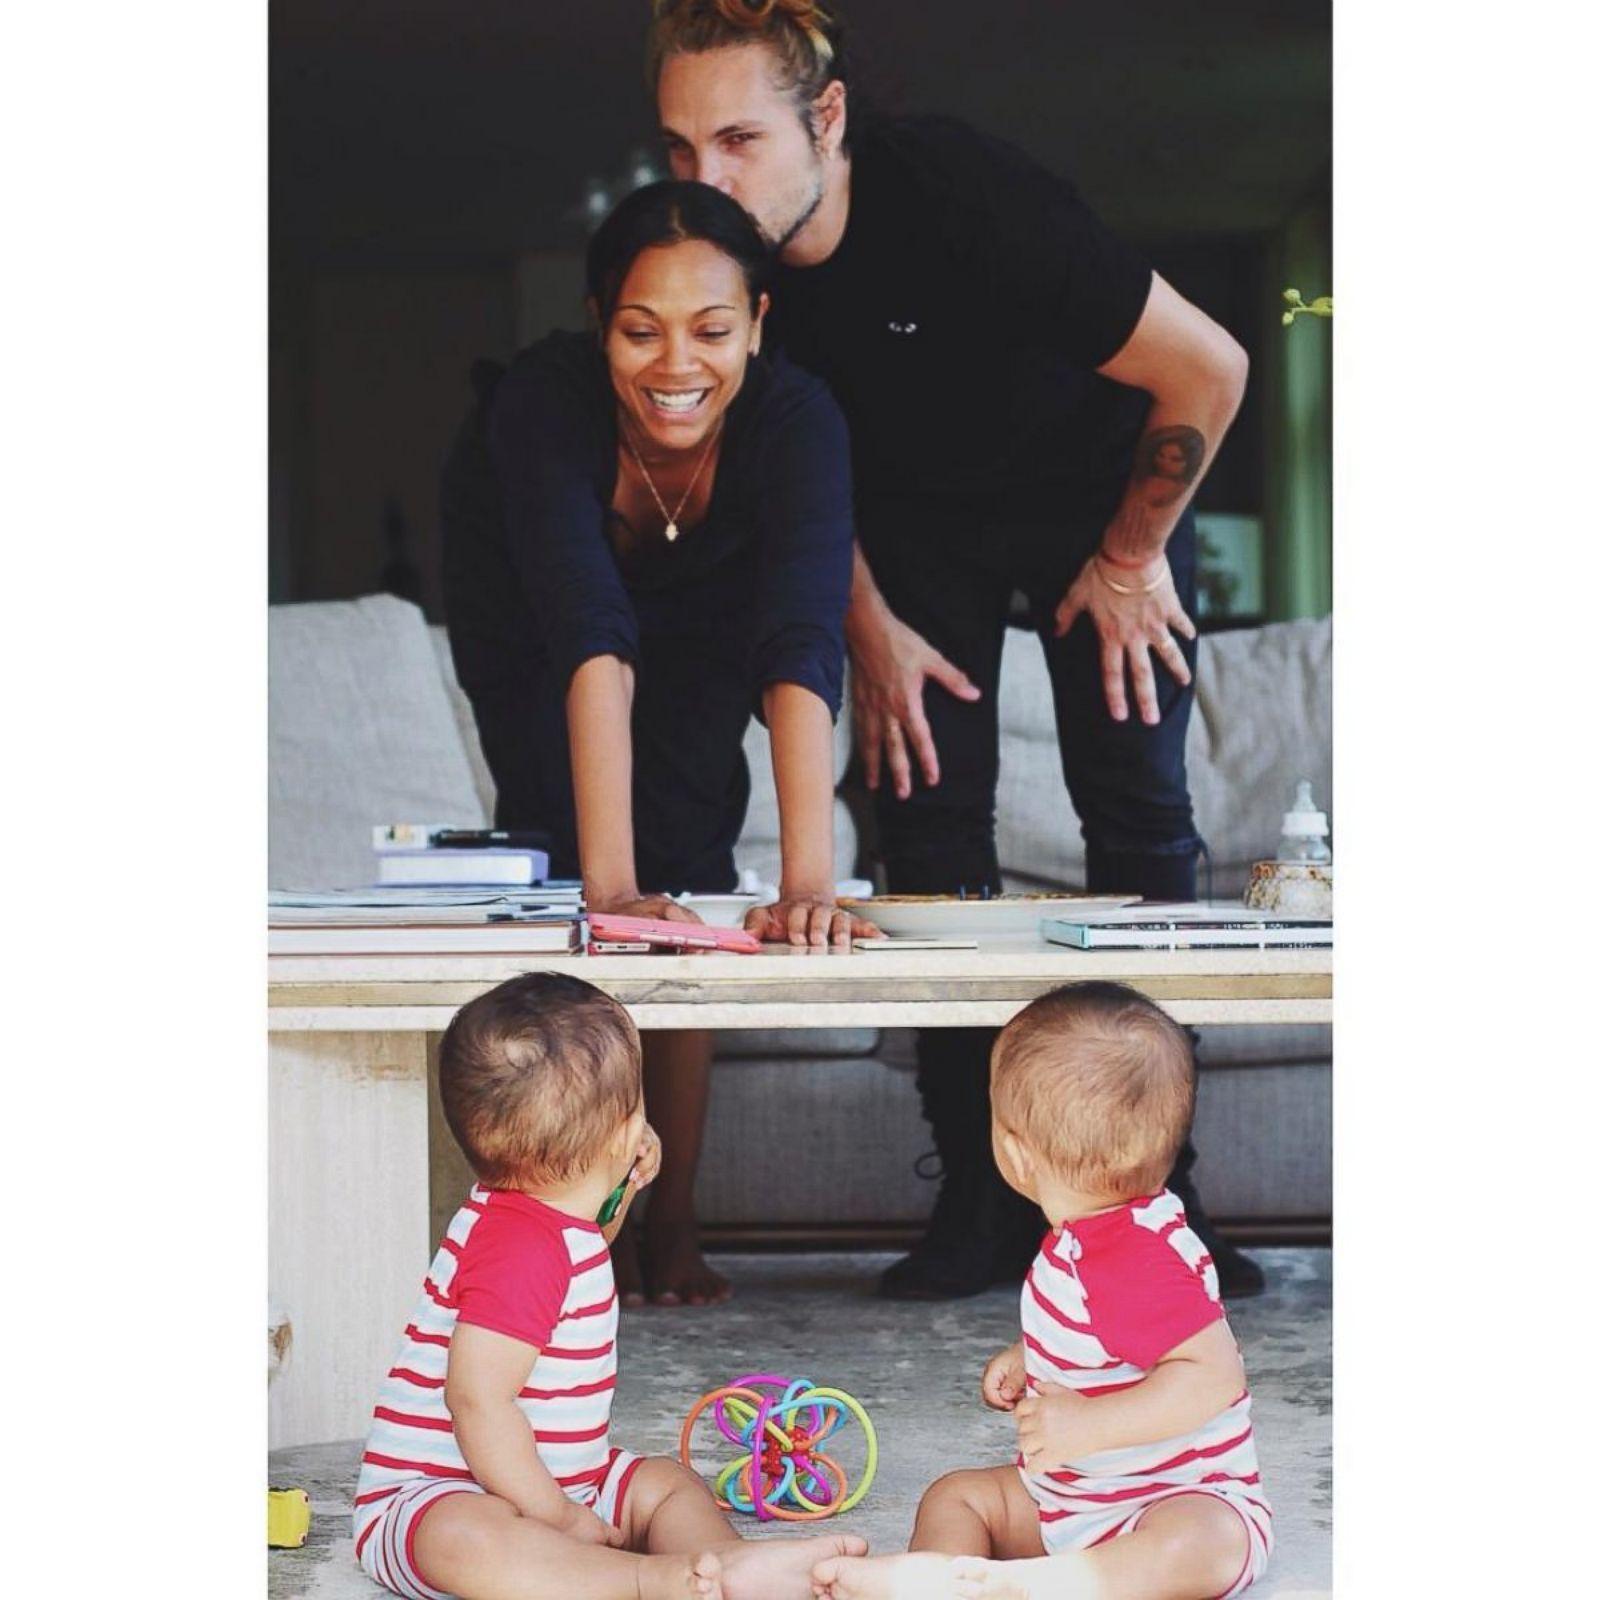 zoe saldana children | Zoe saldana, Interracial family ...